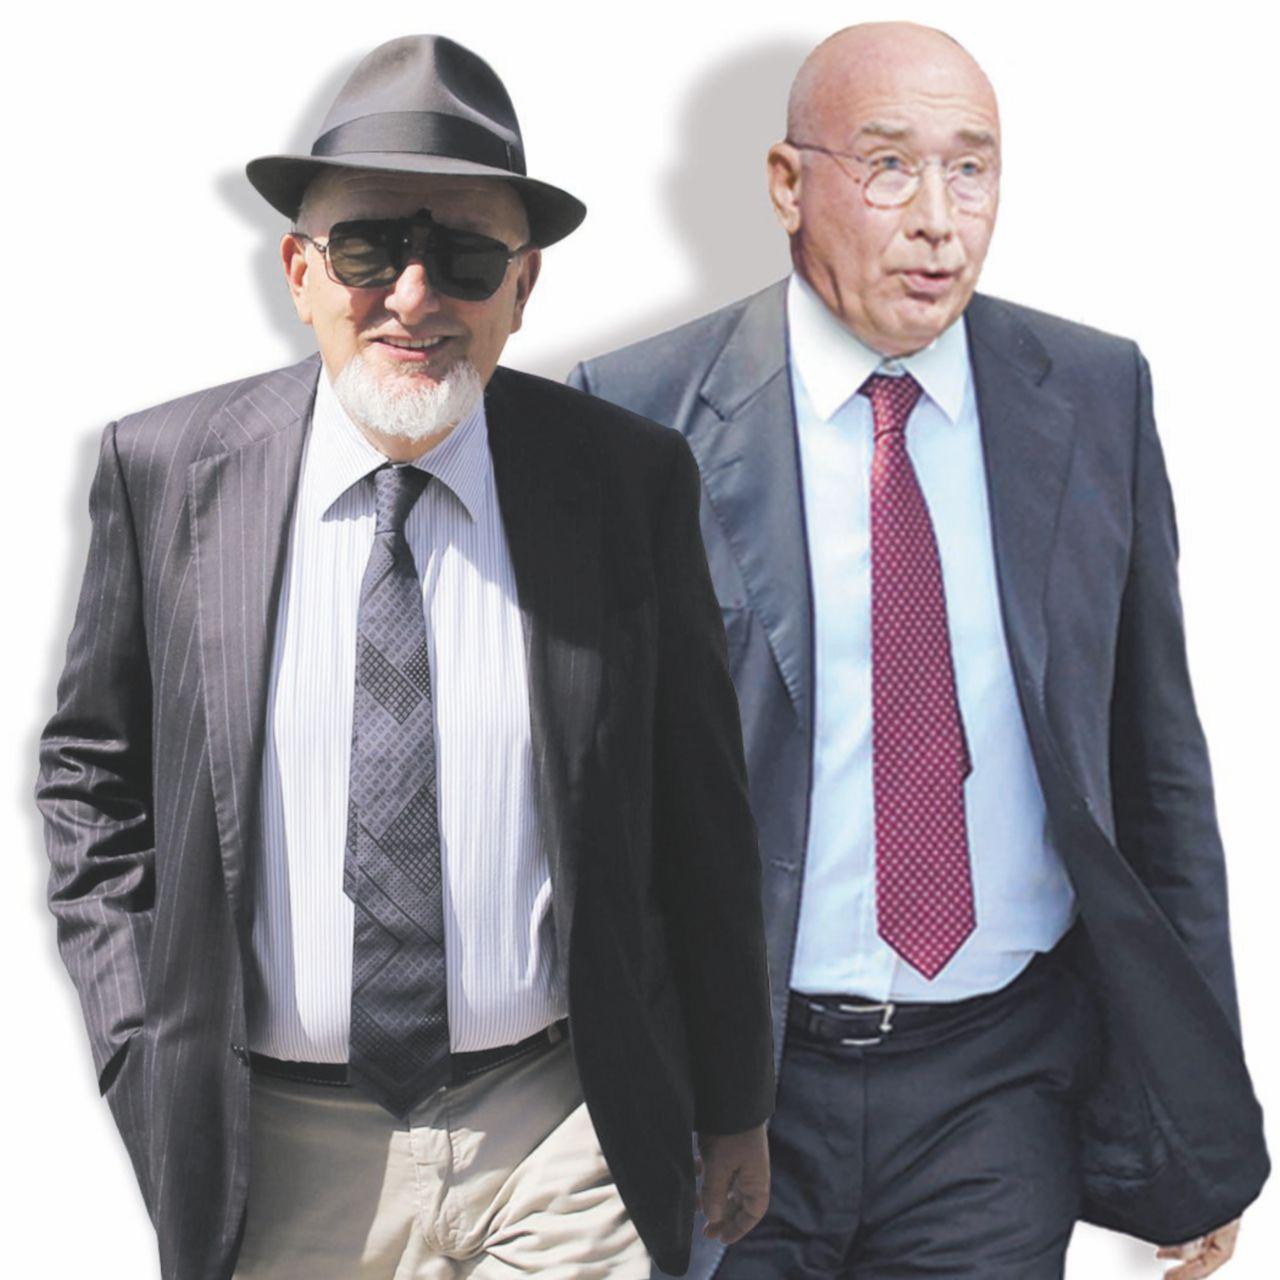 In Edicola sul Fatto Quotidiano del 27 marzo: Consip, sbugiardati  Renzi sr. e Romeo: si videro a Firenze